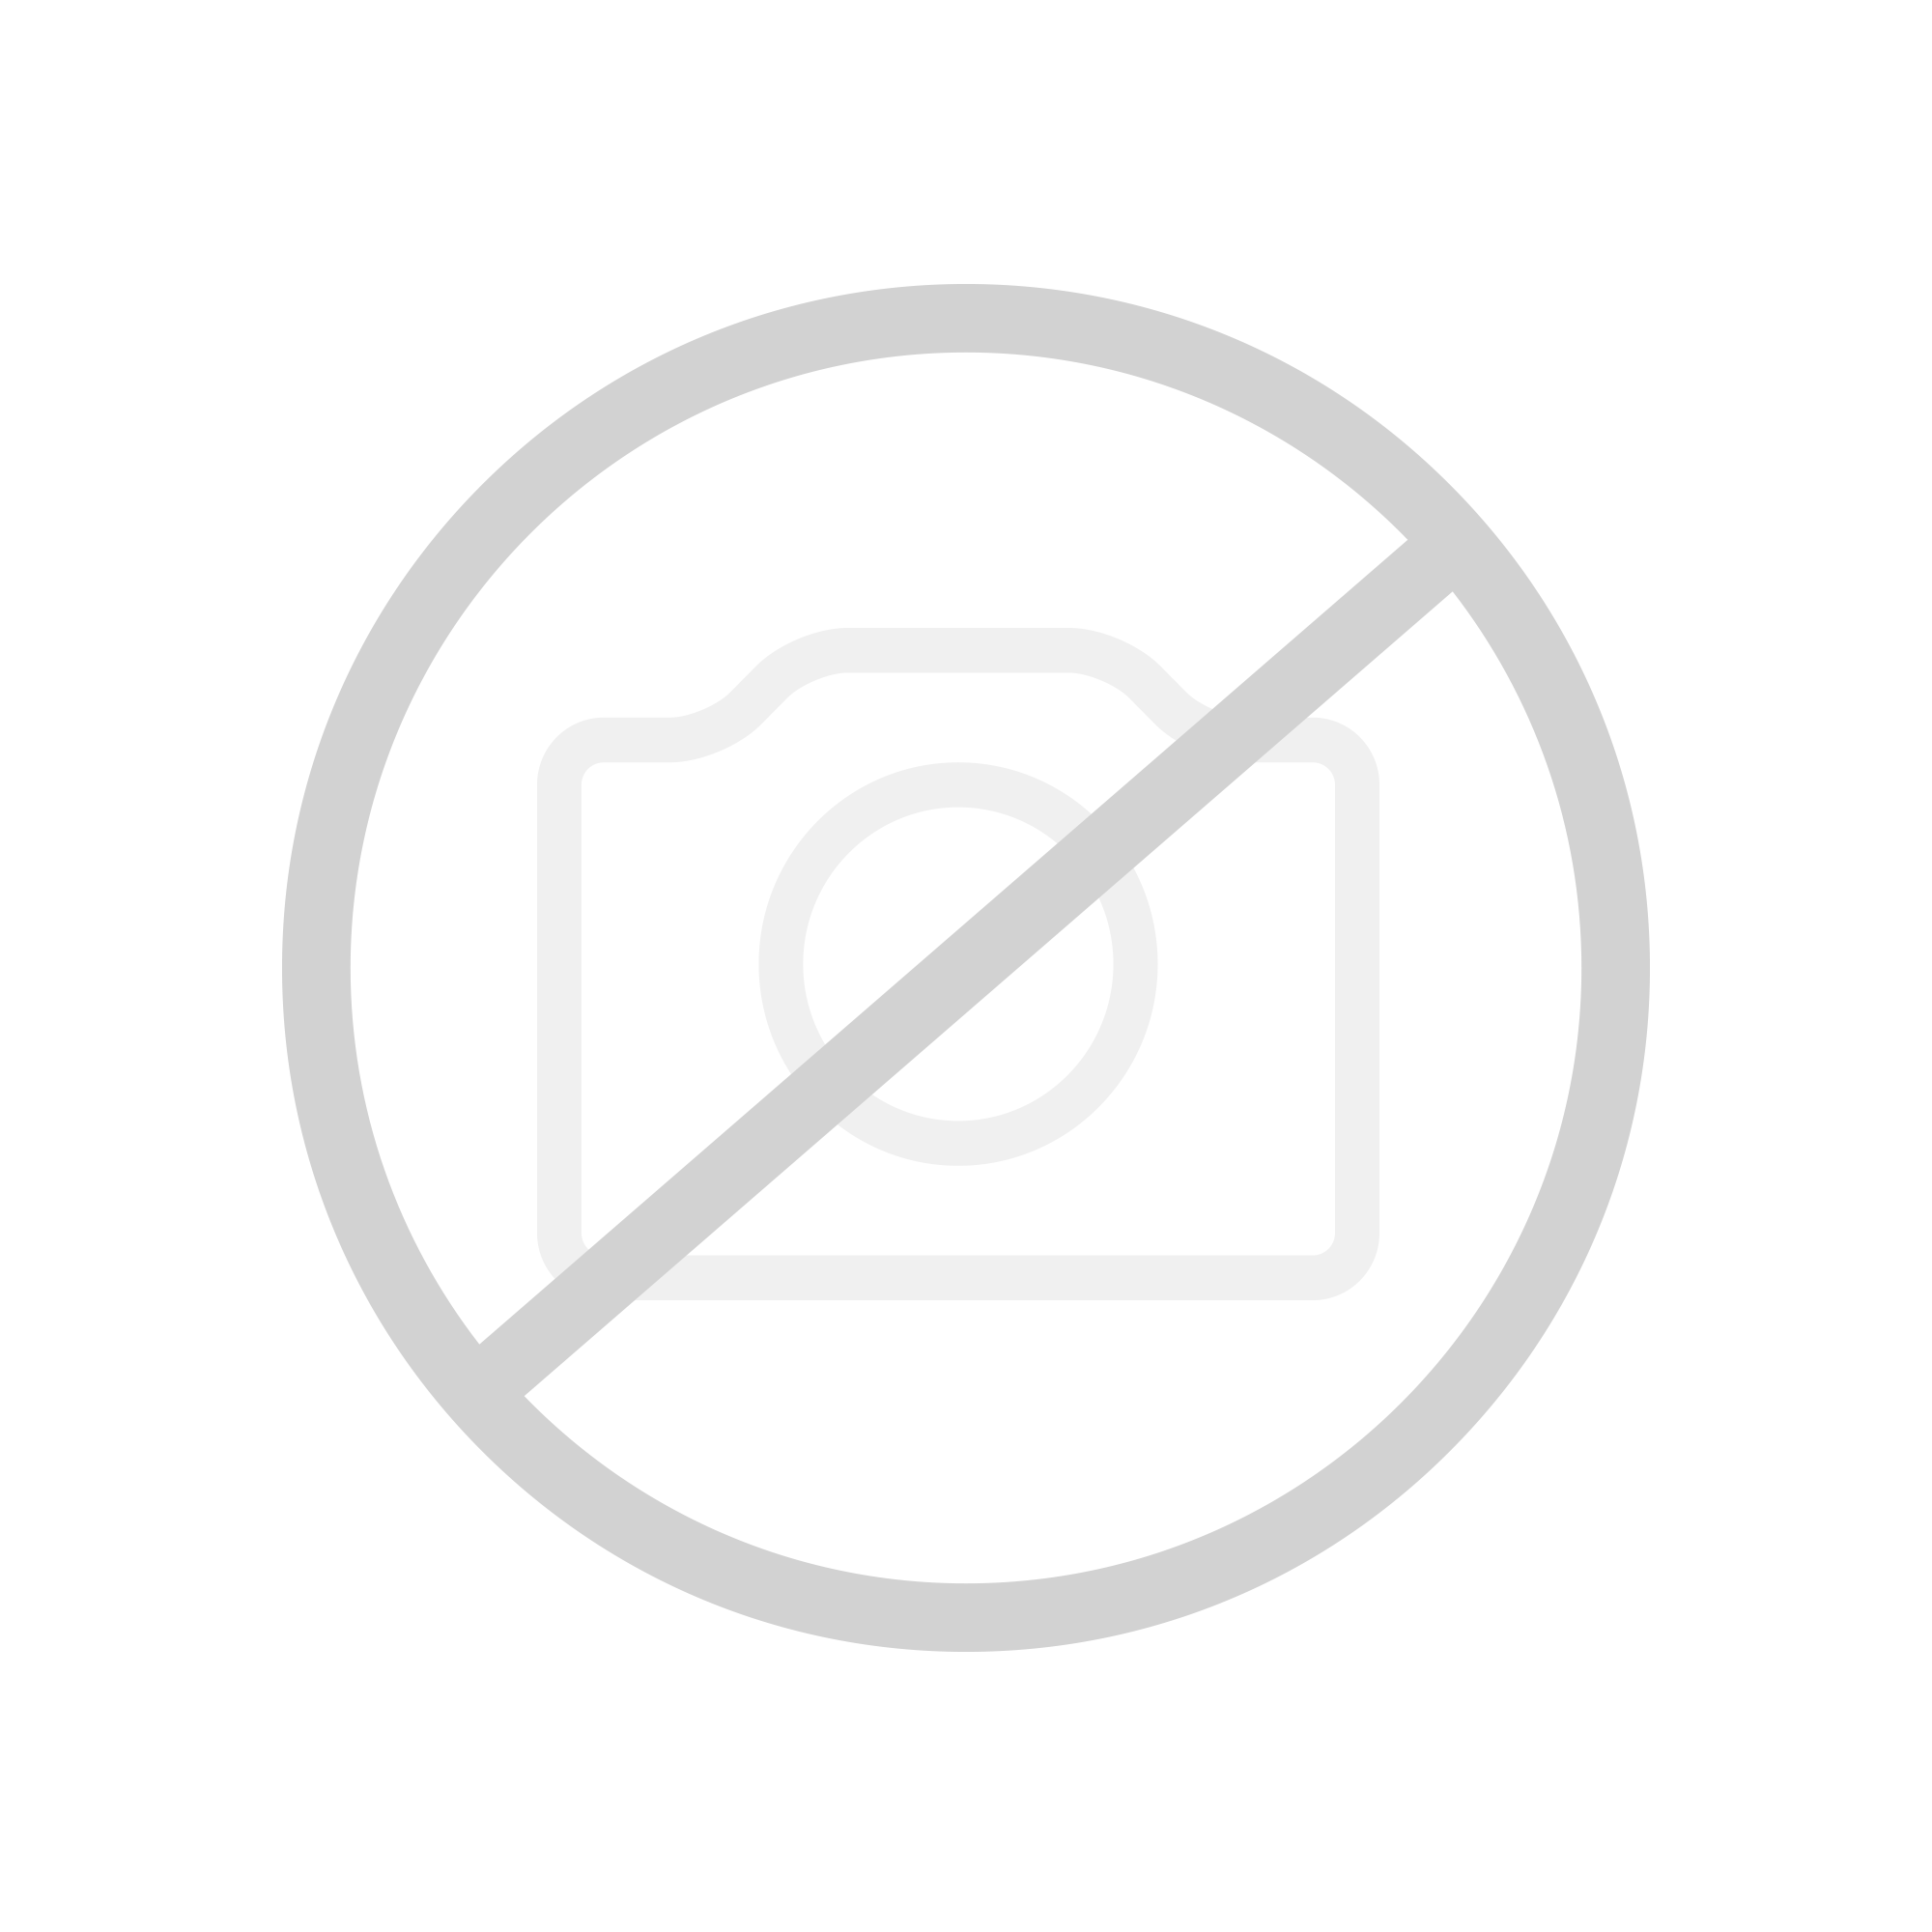 geberit hytronic sigma80 ber hrungslose bet tigungsplatte f r 2 mengen sp lung glas verspiegelt. Black Bedroom Furniture Sets. Home Design Ideas